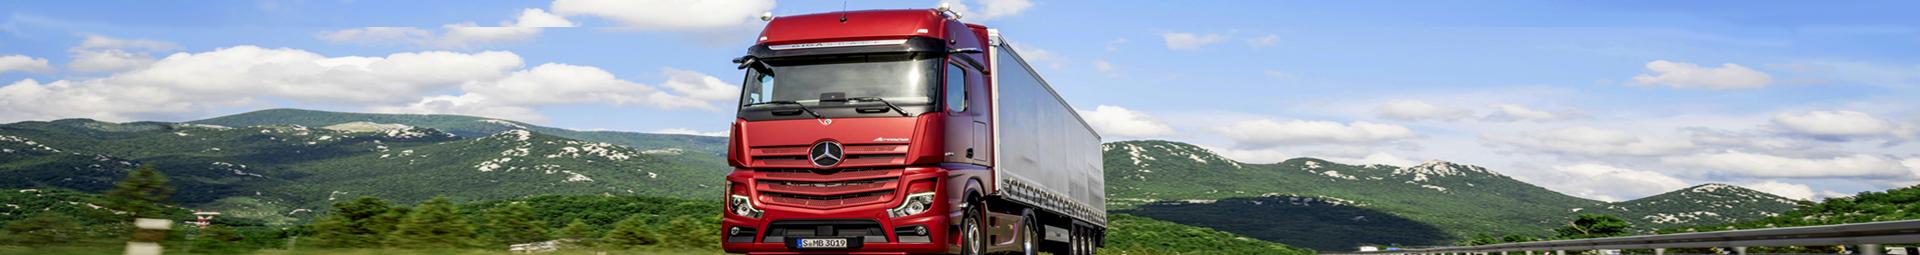 Метка: Ремонт коммерческих автомобилей Фольксваген